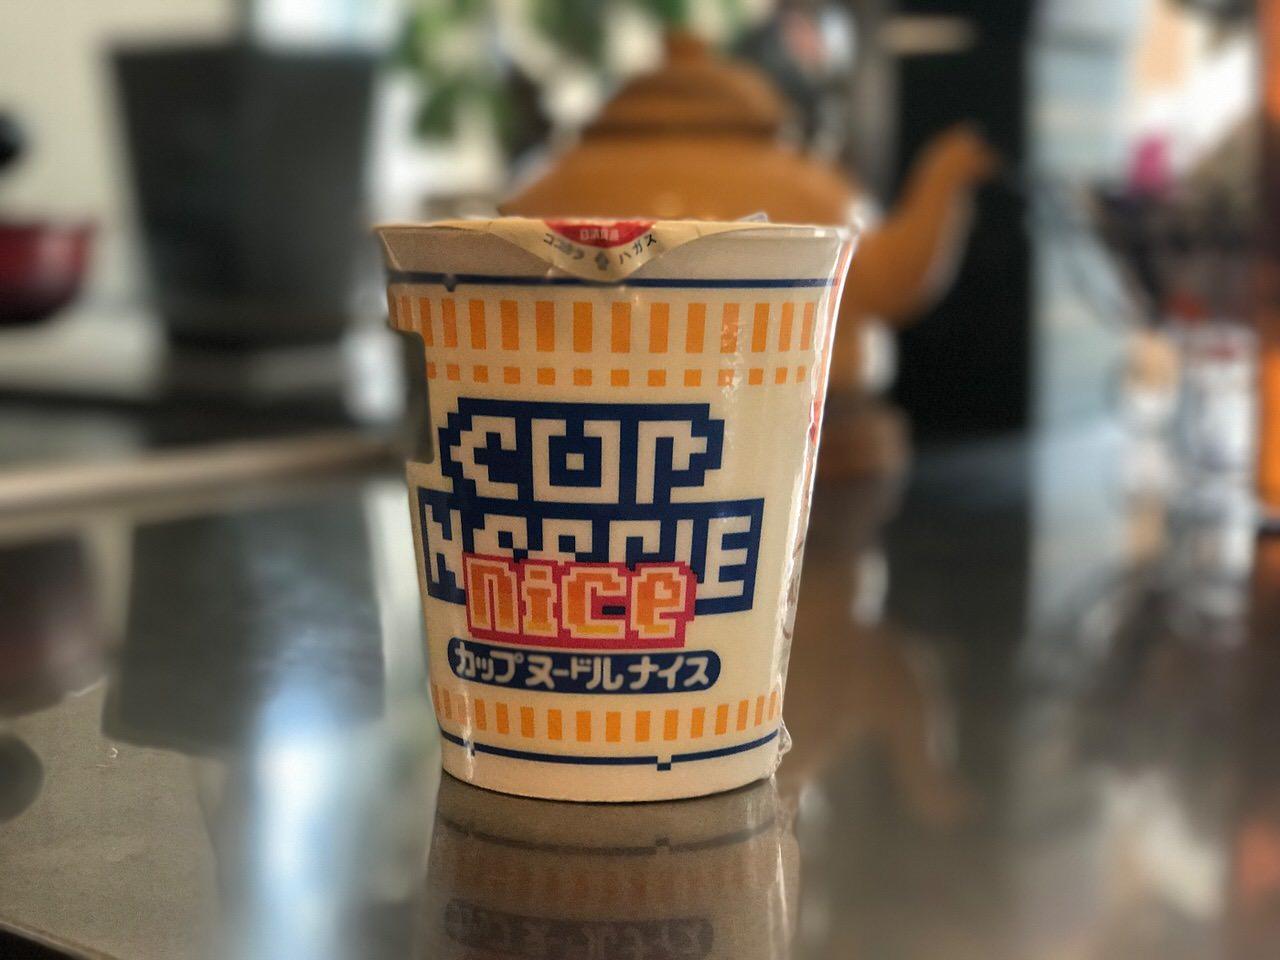 Cup noodle 9800